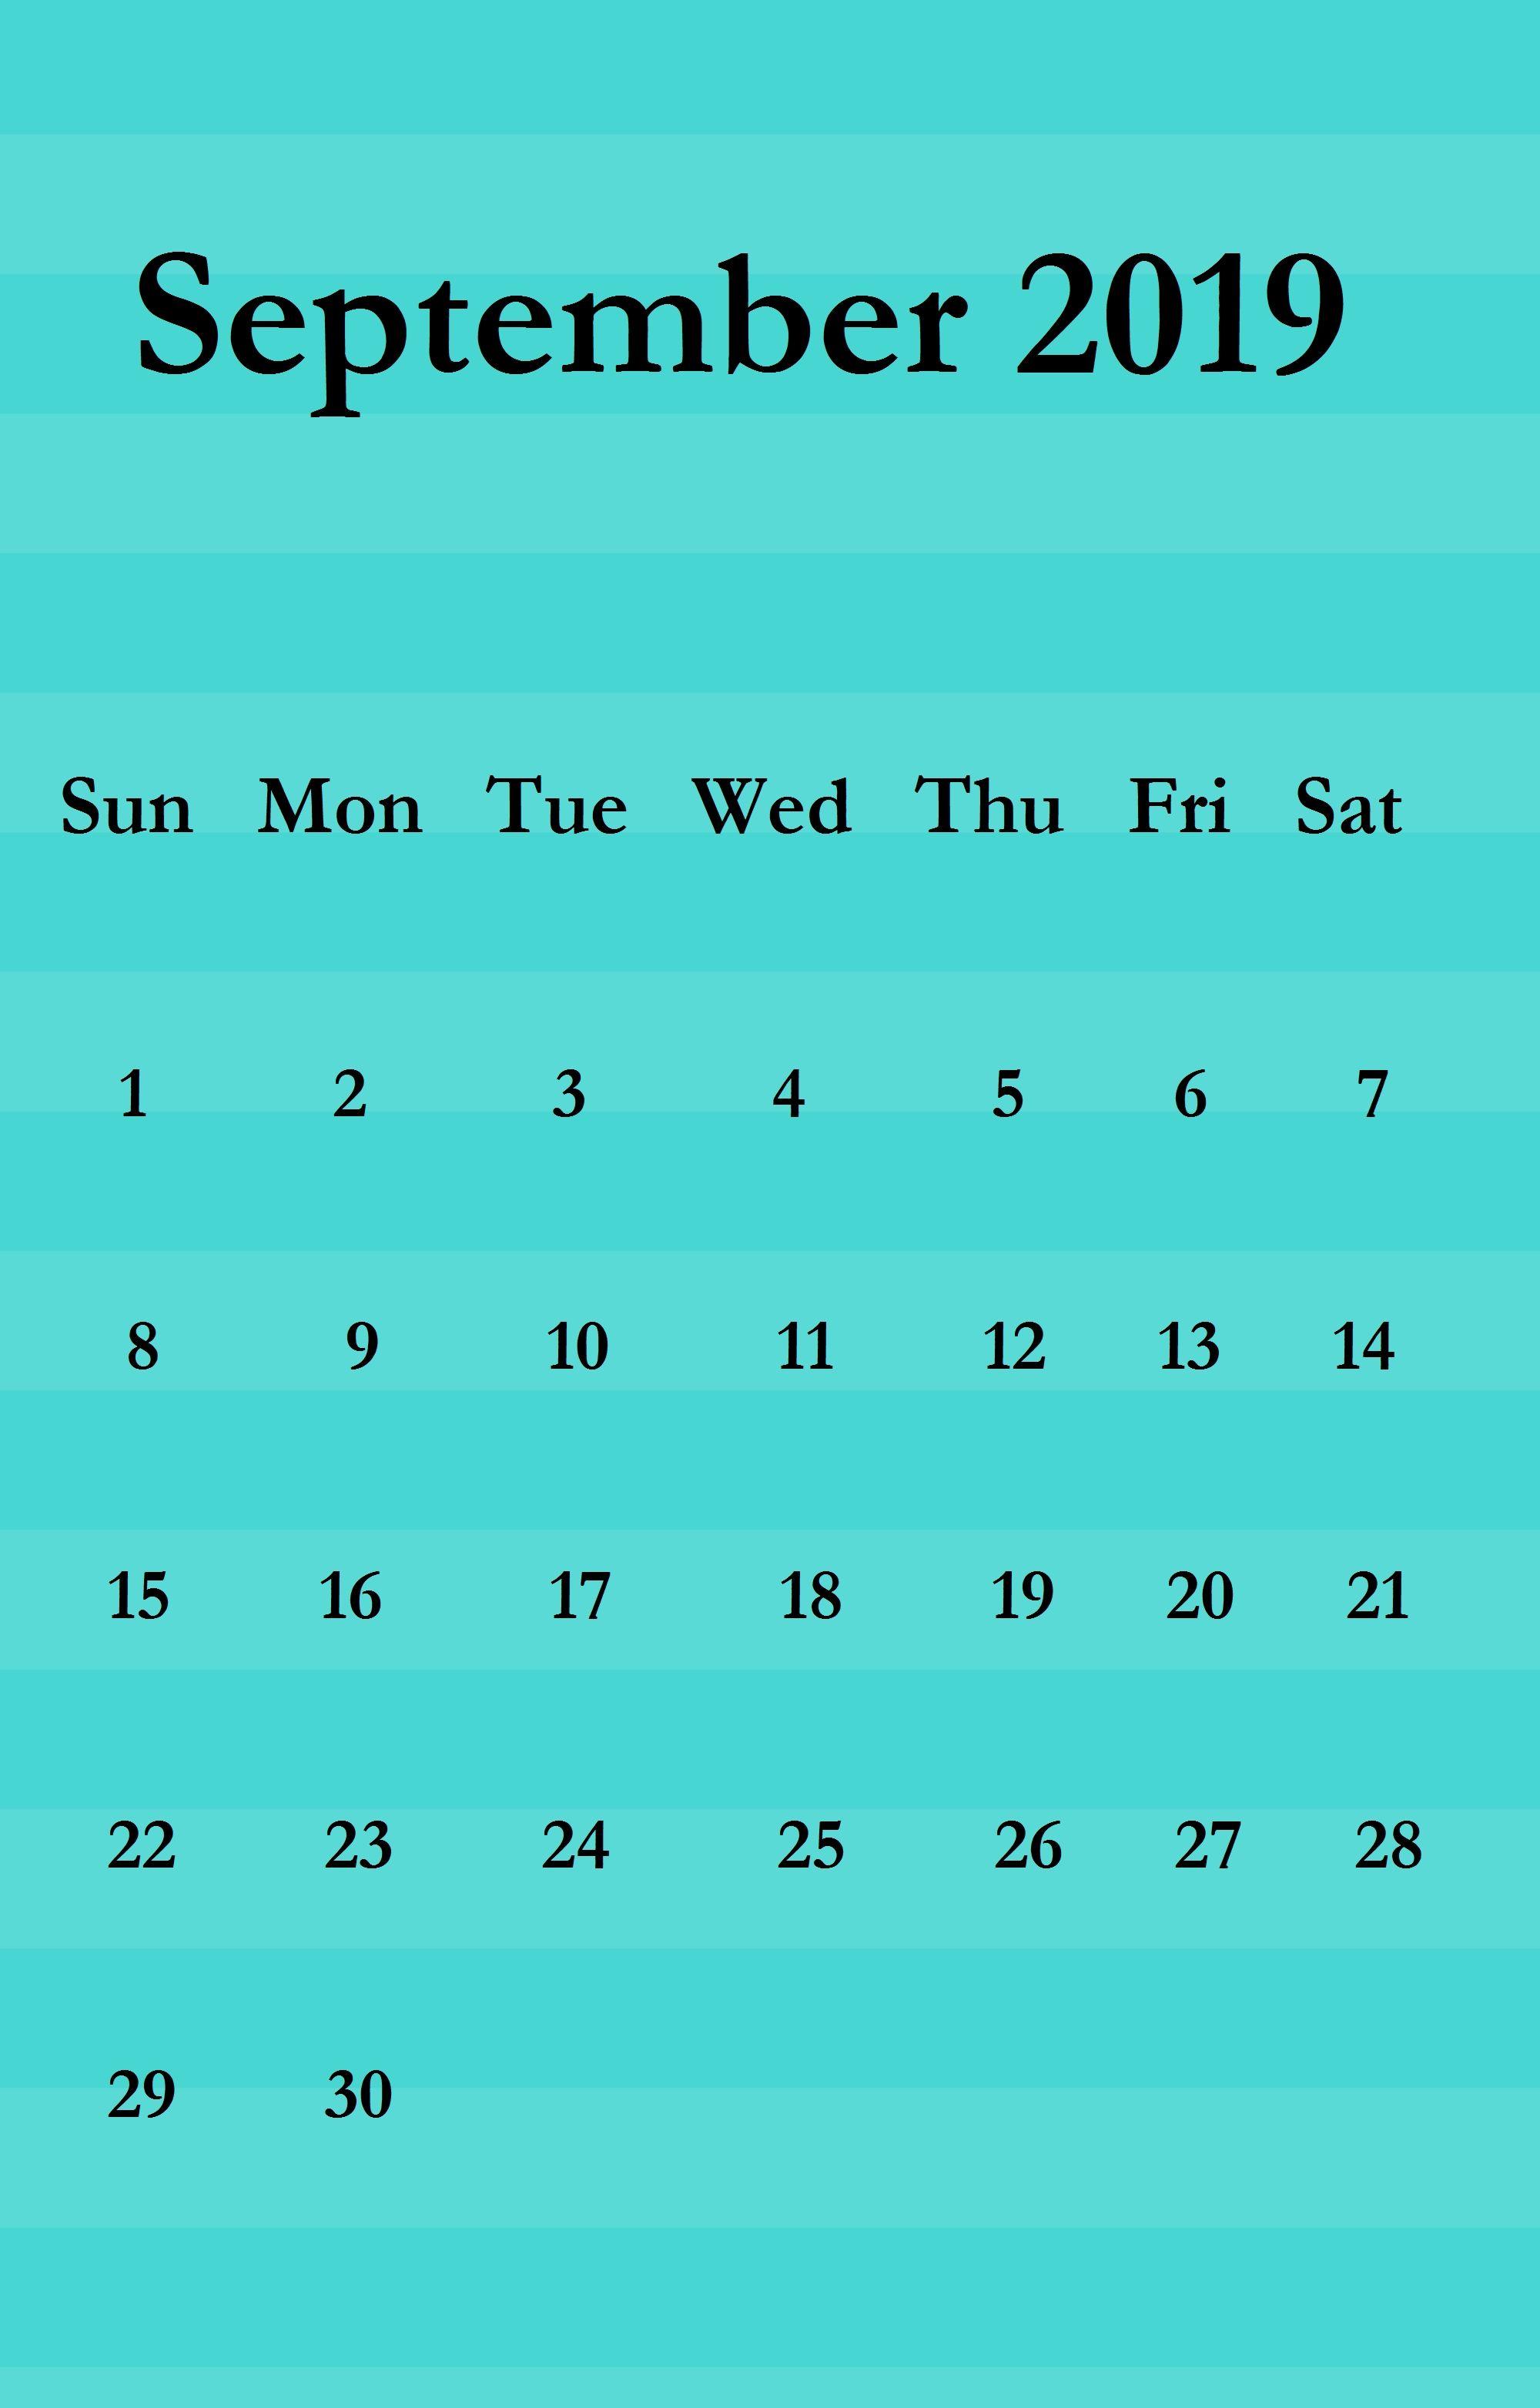 September 2019 Iphone Wallpaper Calendar Calendar Wallpaper